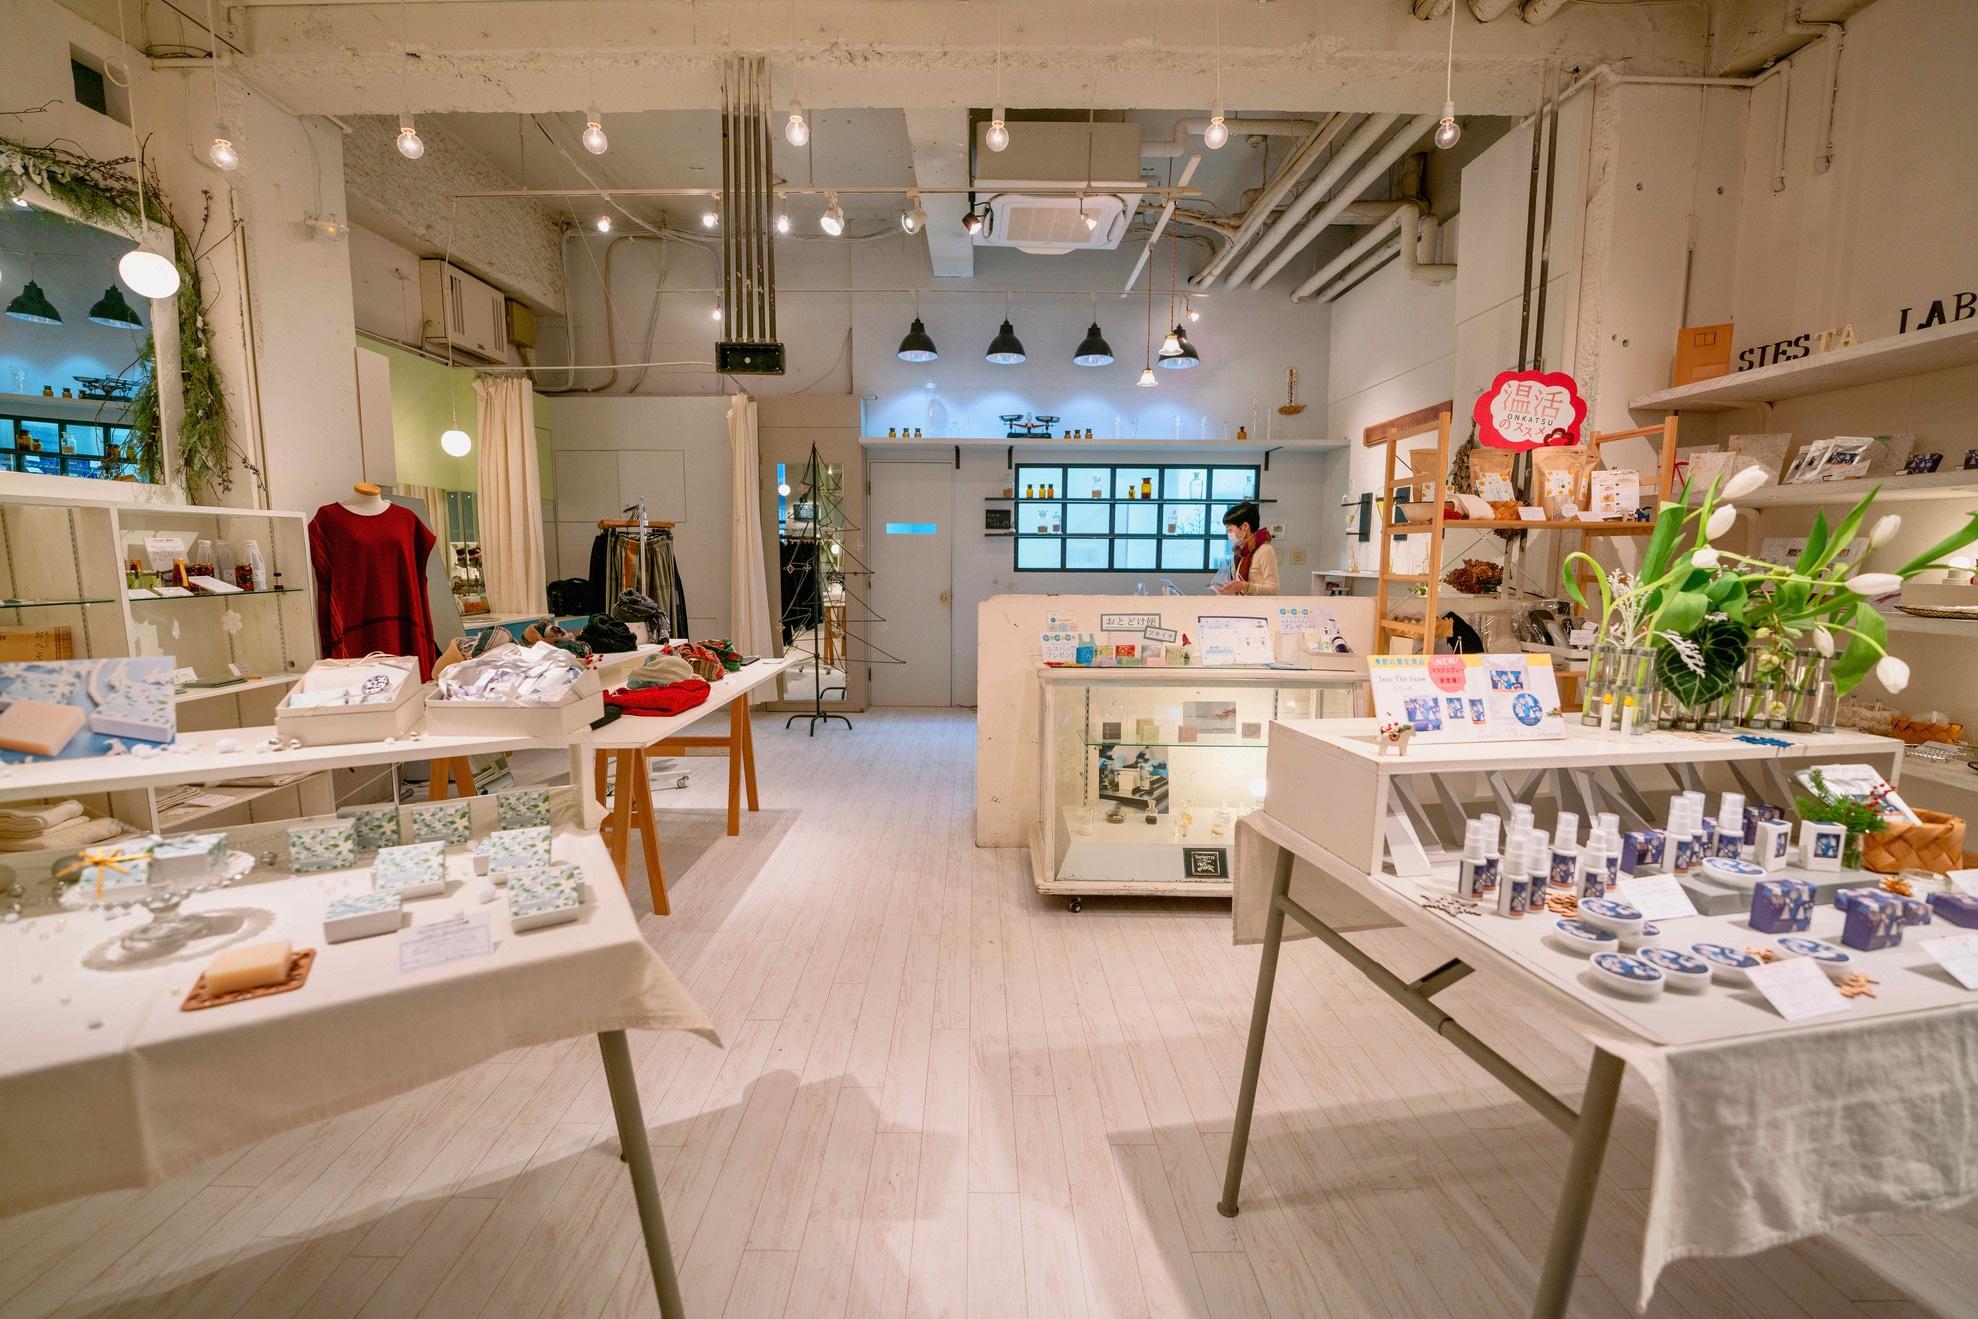 北海道札幌市の「SAVON de SIESTA(サボンデシエスタ)」の店内